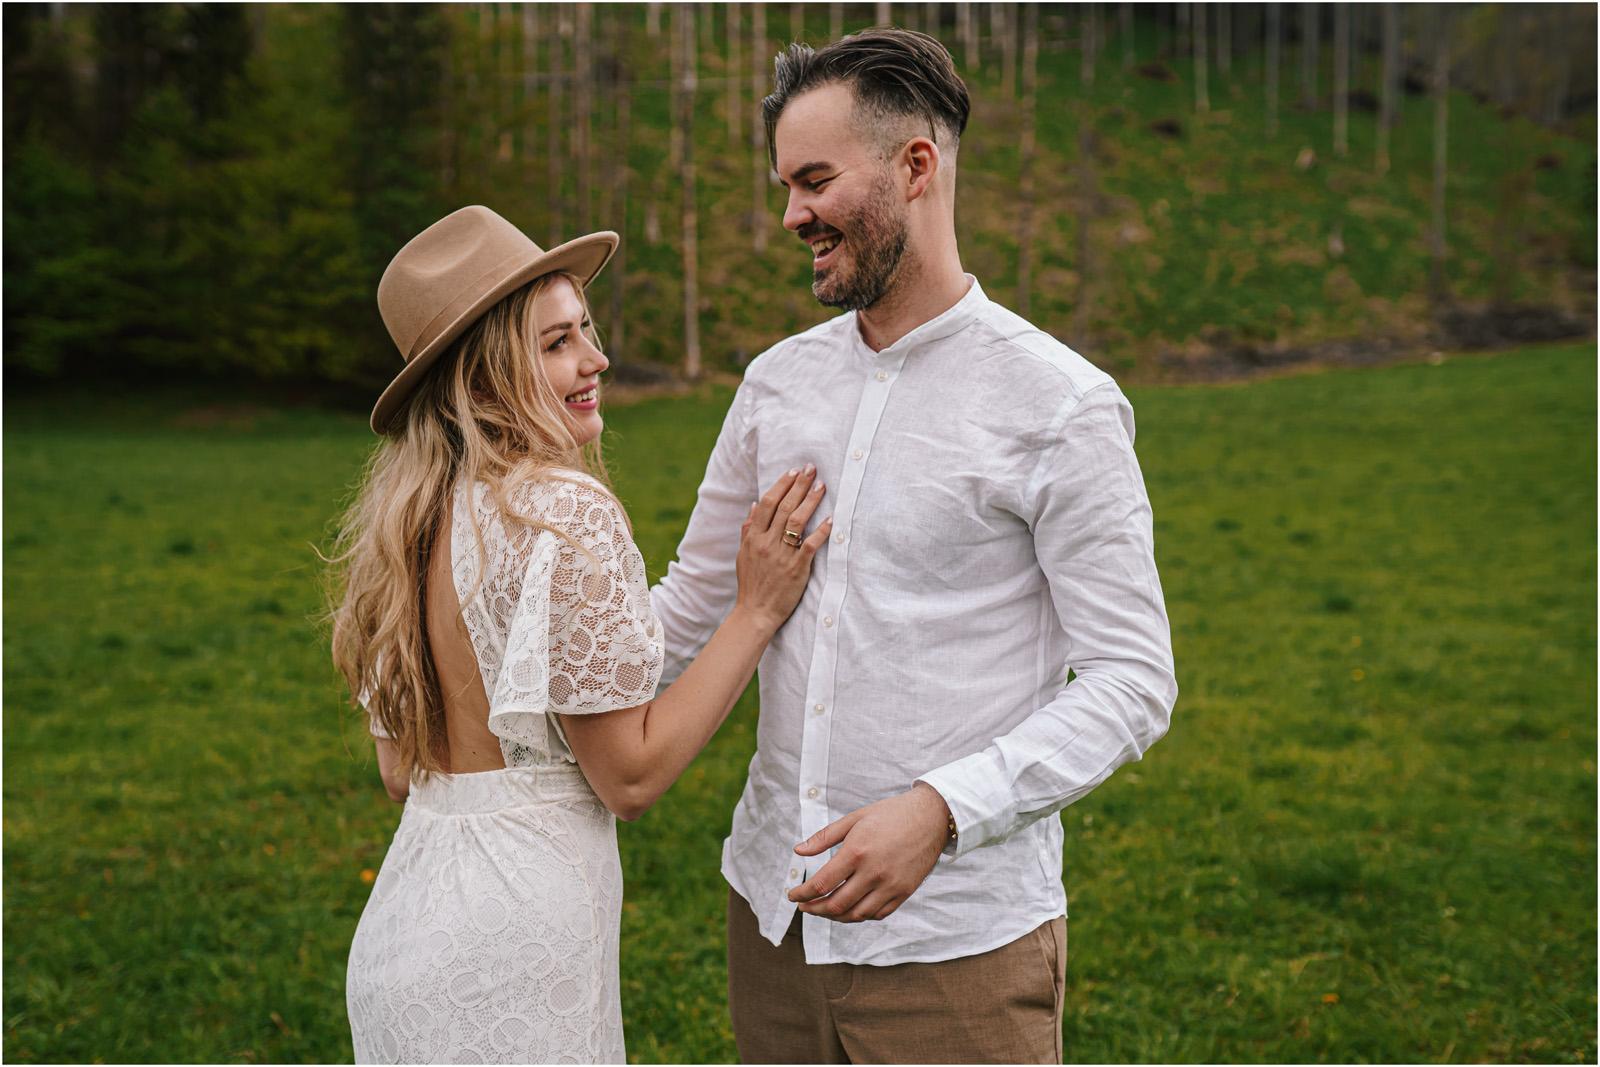 Amanda & Błażej | ślub i sesja w górach 64